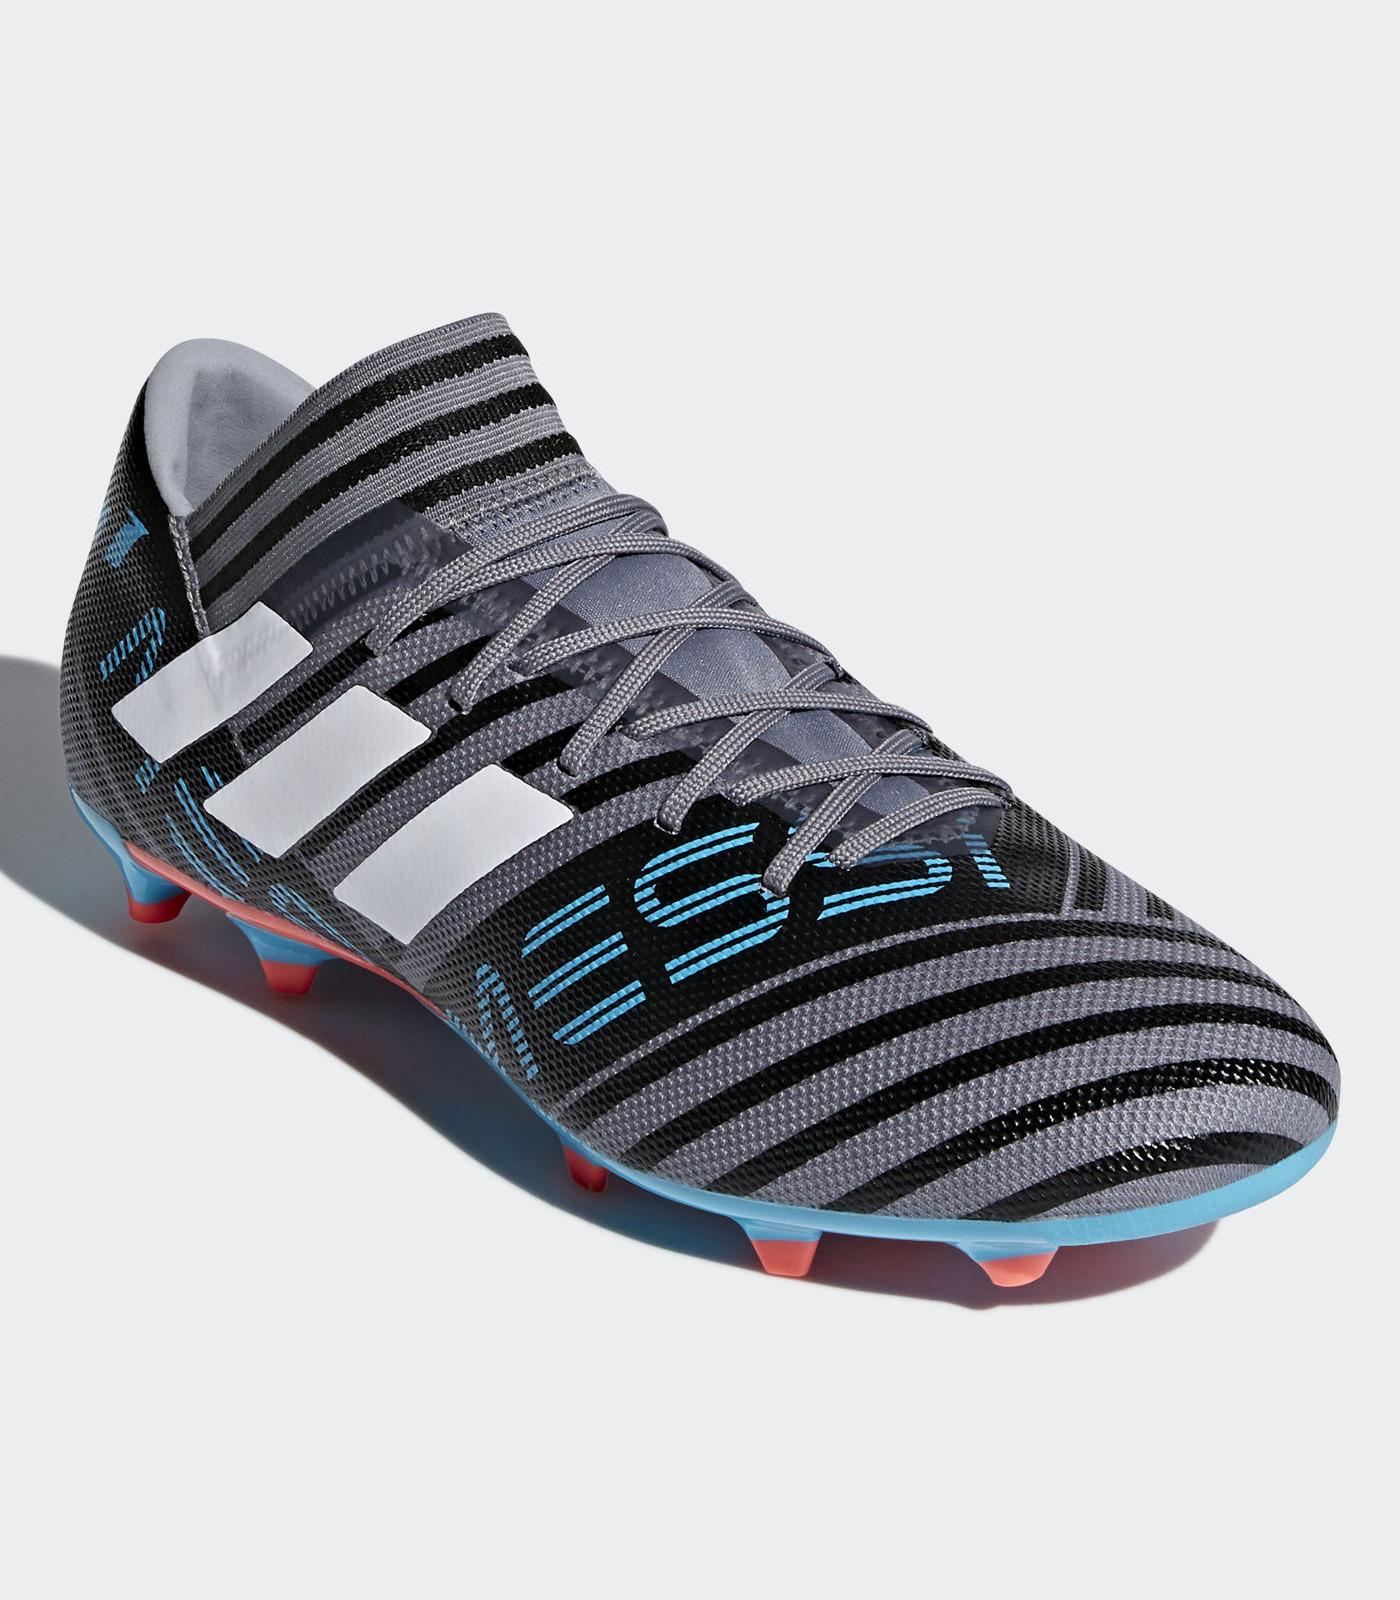 Nemeziz 3 17 Fg Grigio Adidas Football Messi Calcio Shoes Scarpe cR435AjSLq